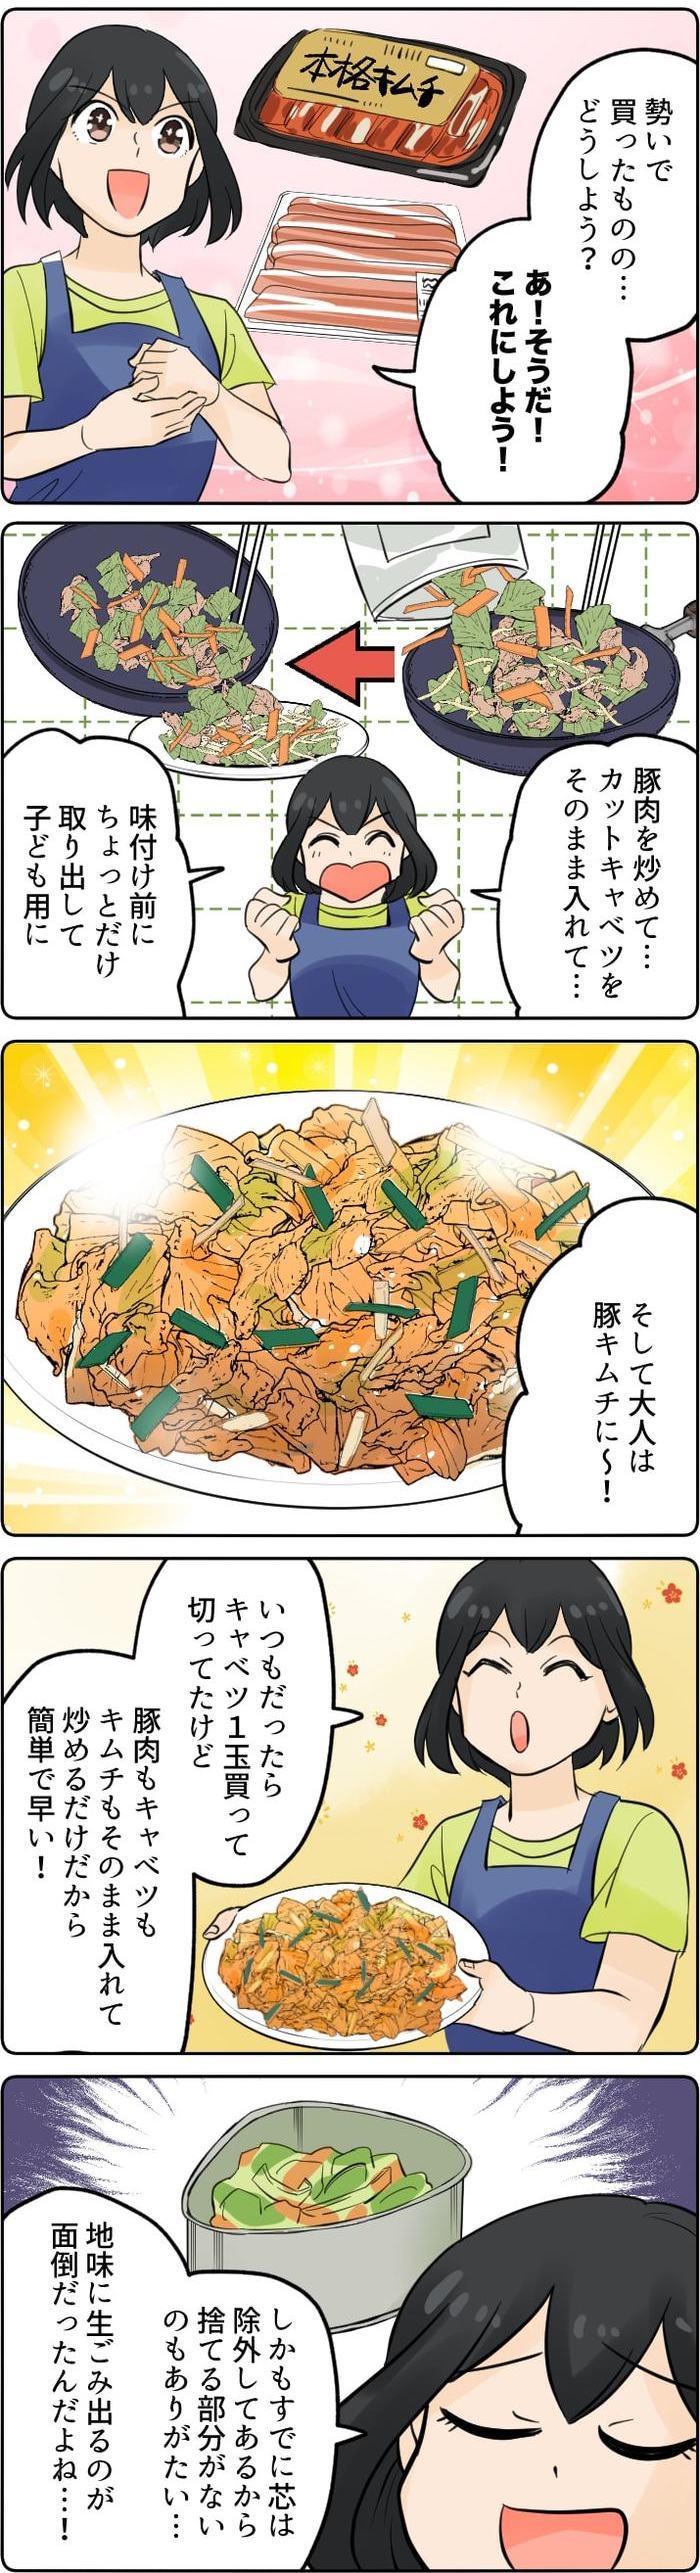 罪悪感は不要!料理のバリエーションが広がる「カット野菜」活用のススメの画像5